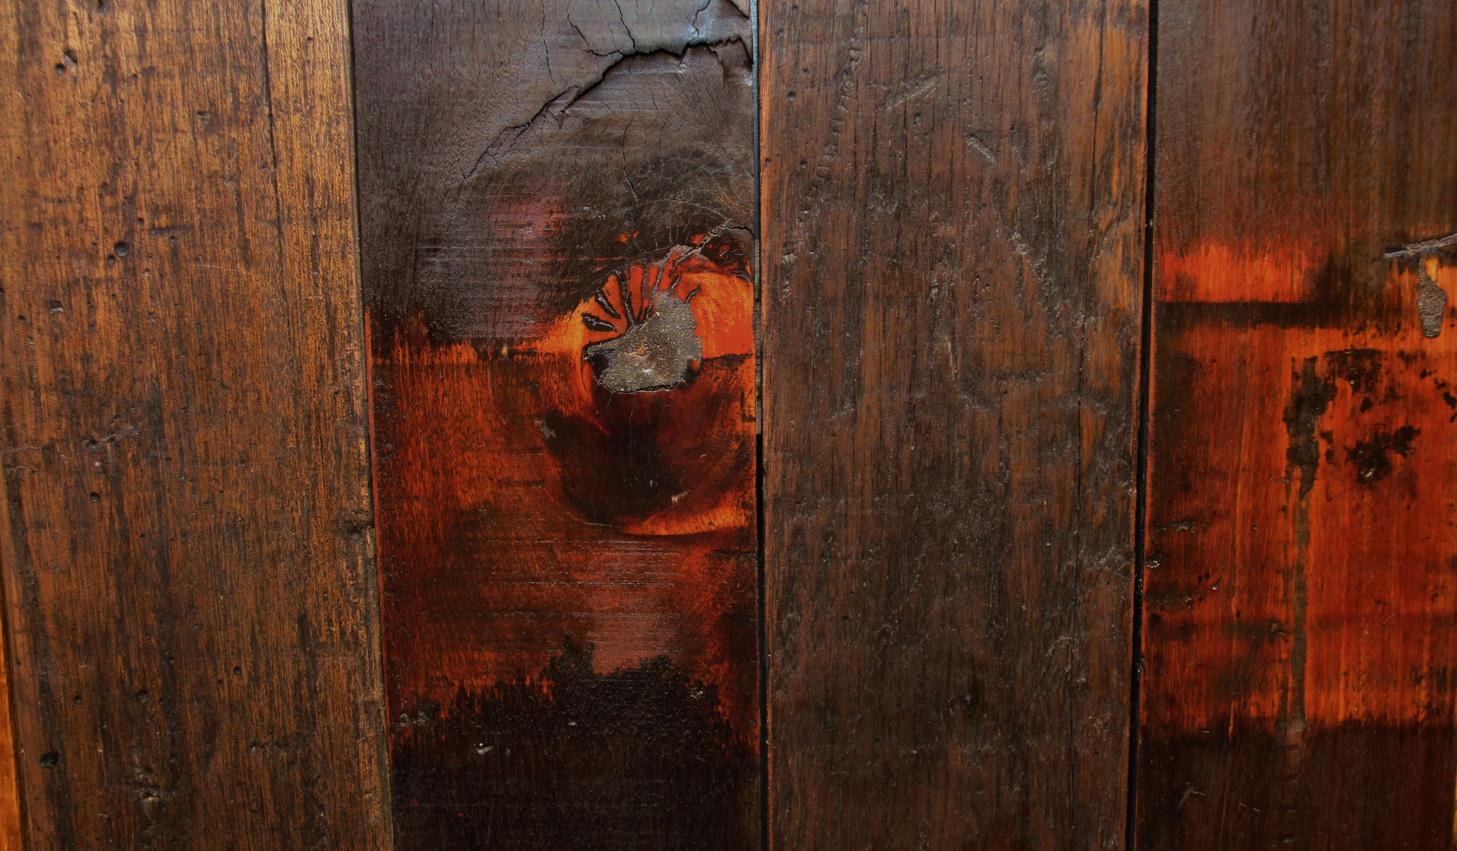 Épinglé sur Reclaimed Timbers